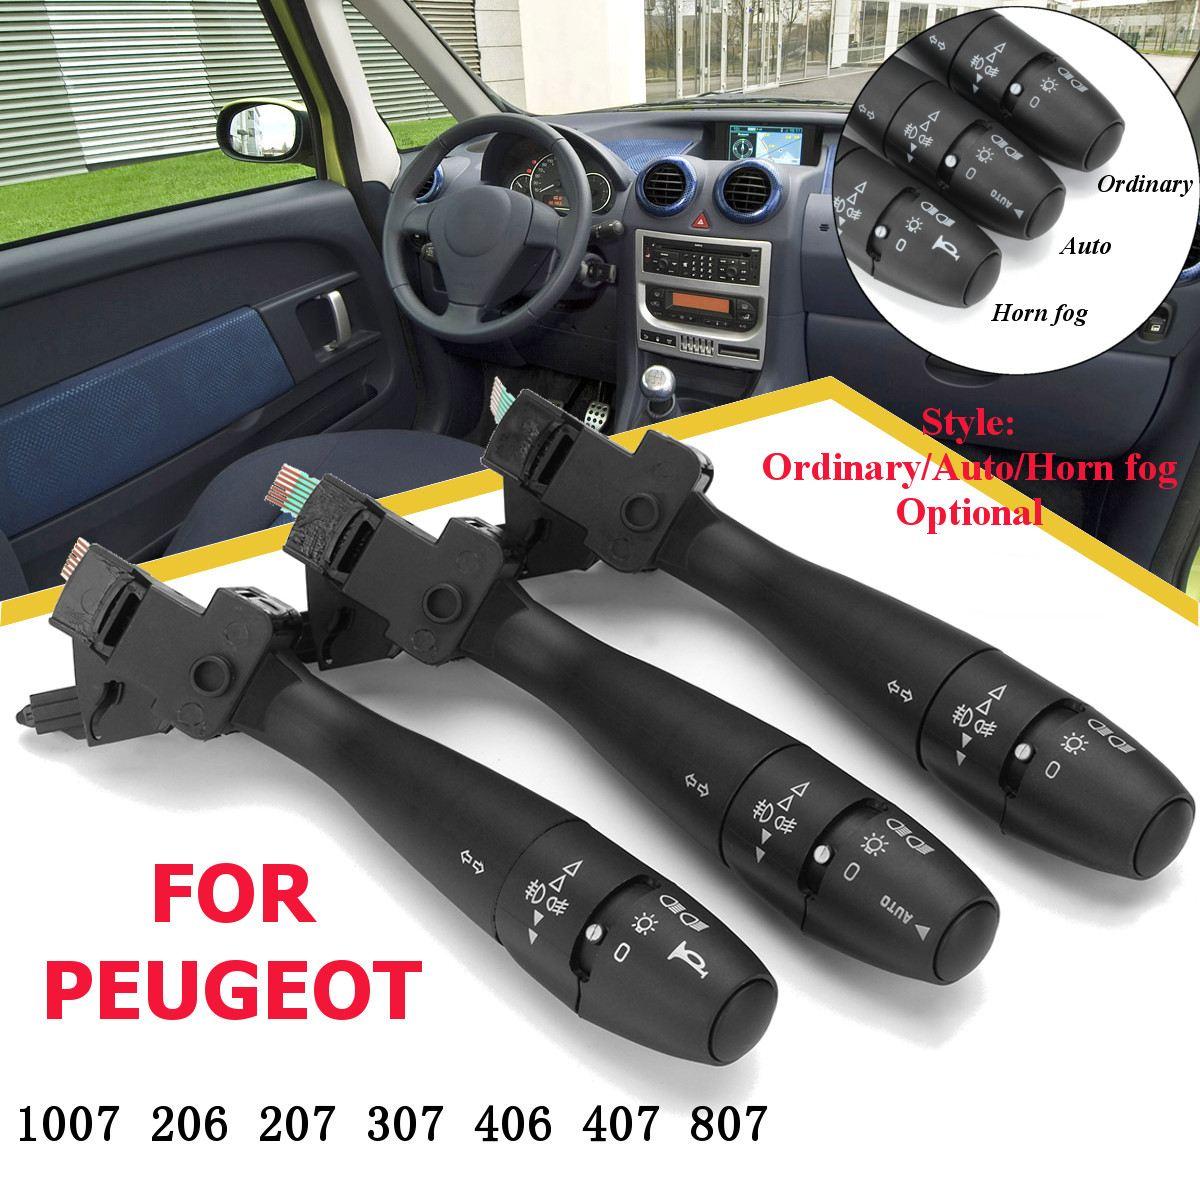 ไฟเลี้ยวรถสวิทช์พวงมาลัย Horn Auto 96477533XT สำหรับ PEUGEOT 1007 206 207 307 406 407 807